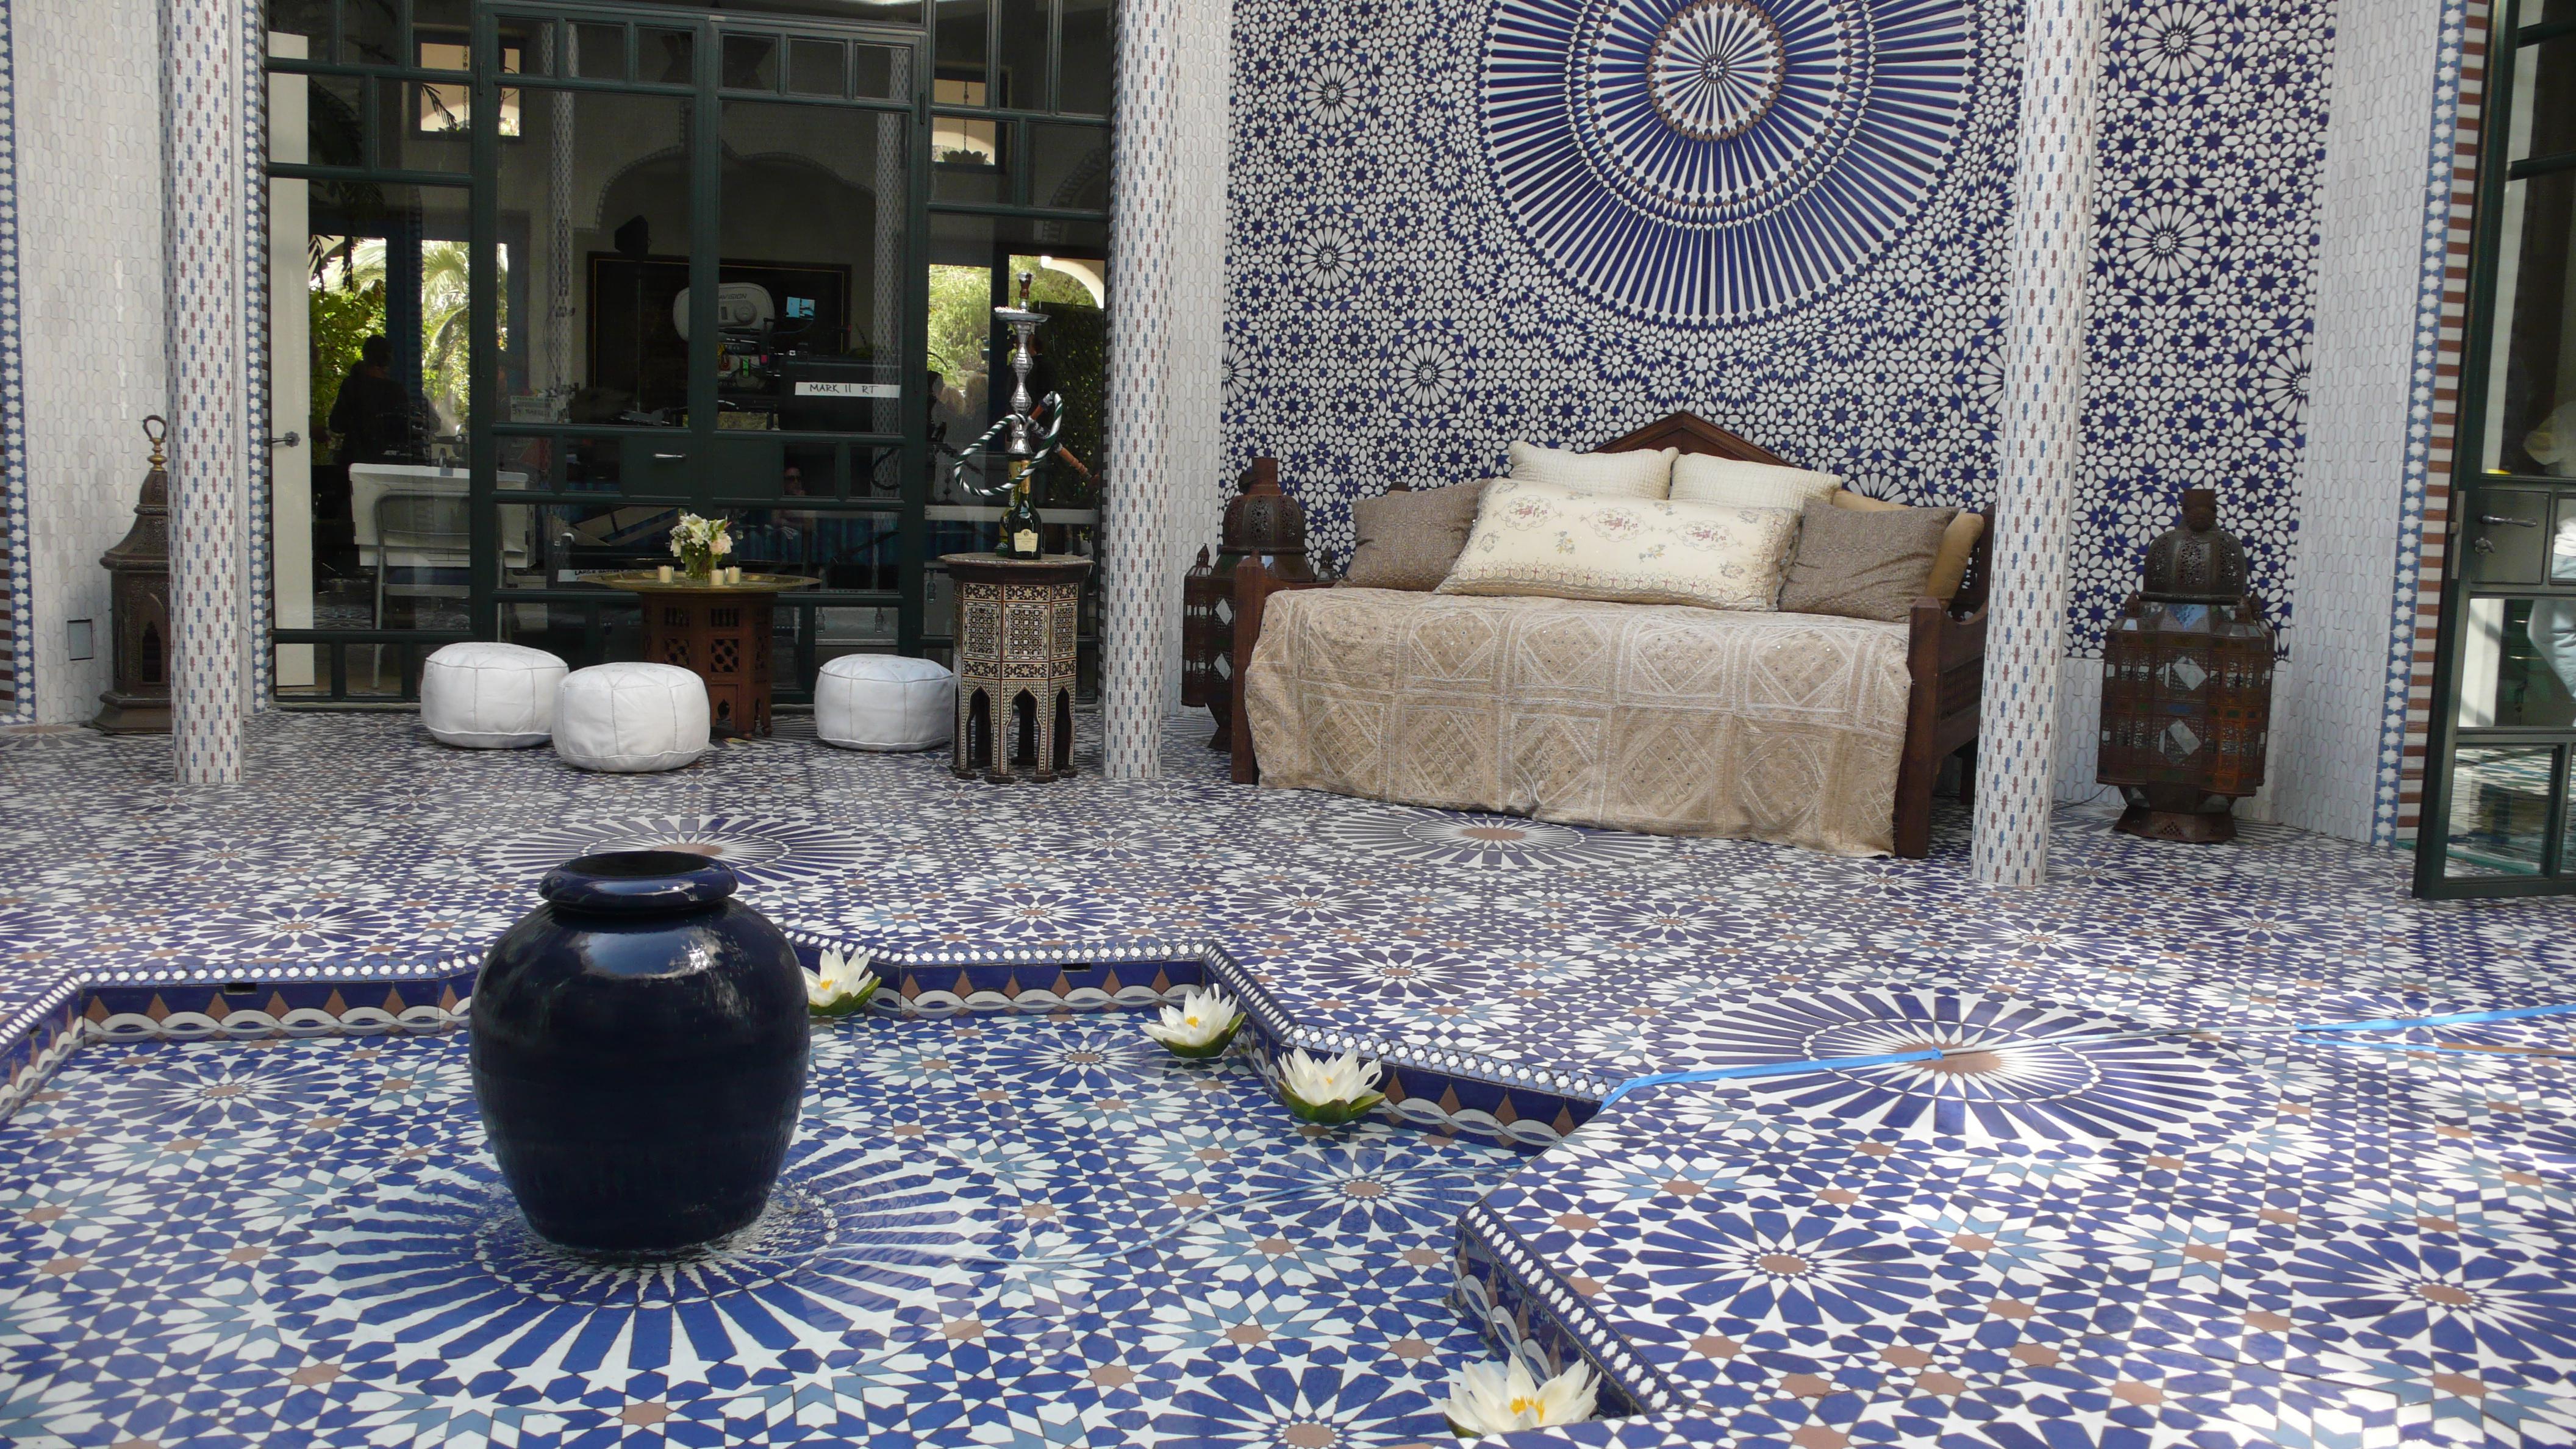 Piastrelle ceramica marocco spanich moroccan style vintage ceramic